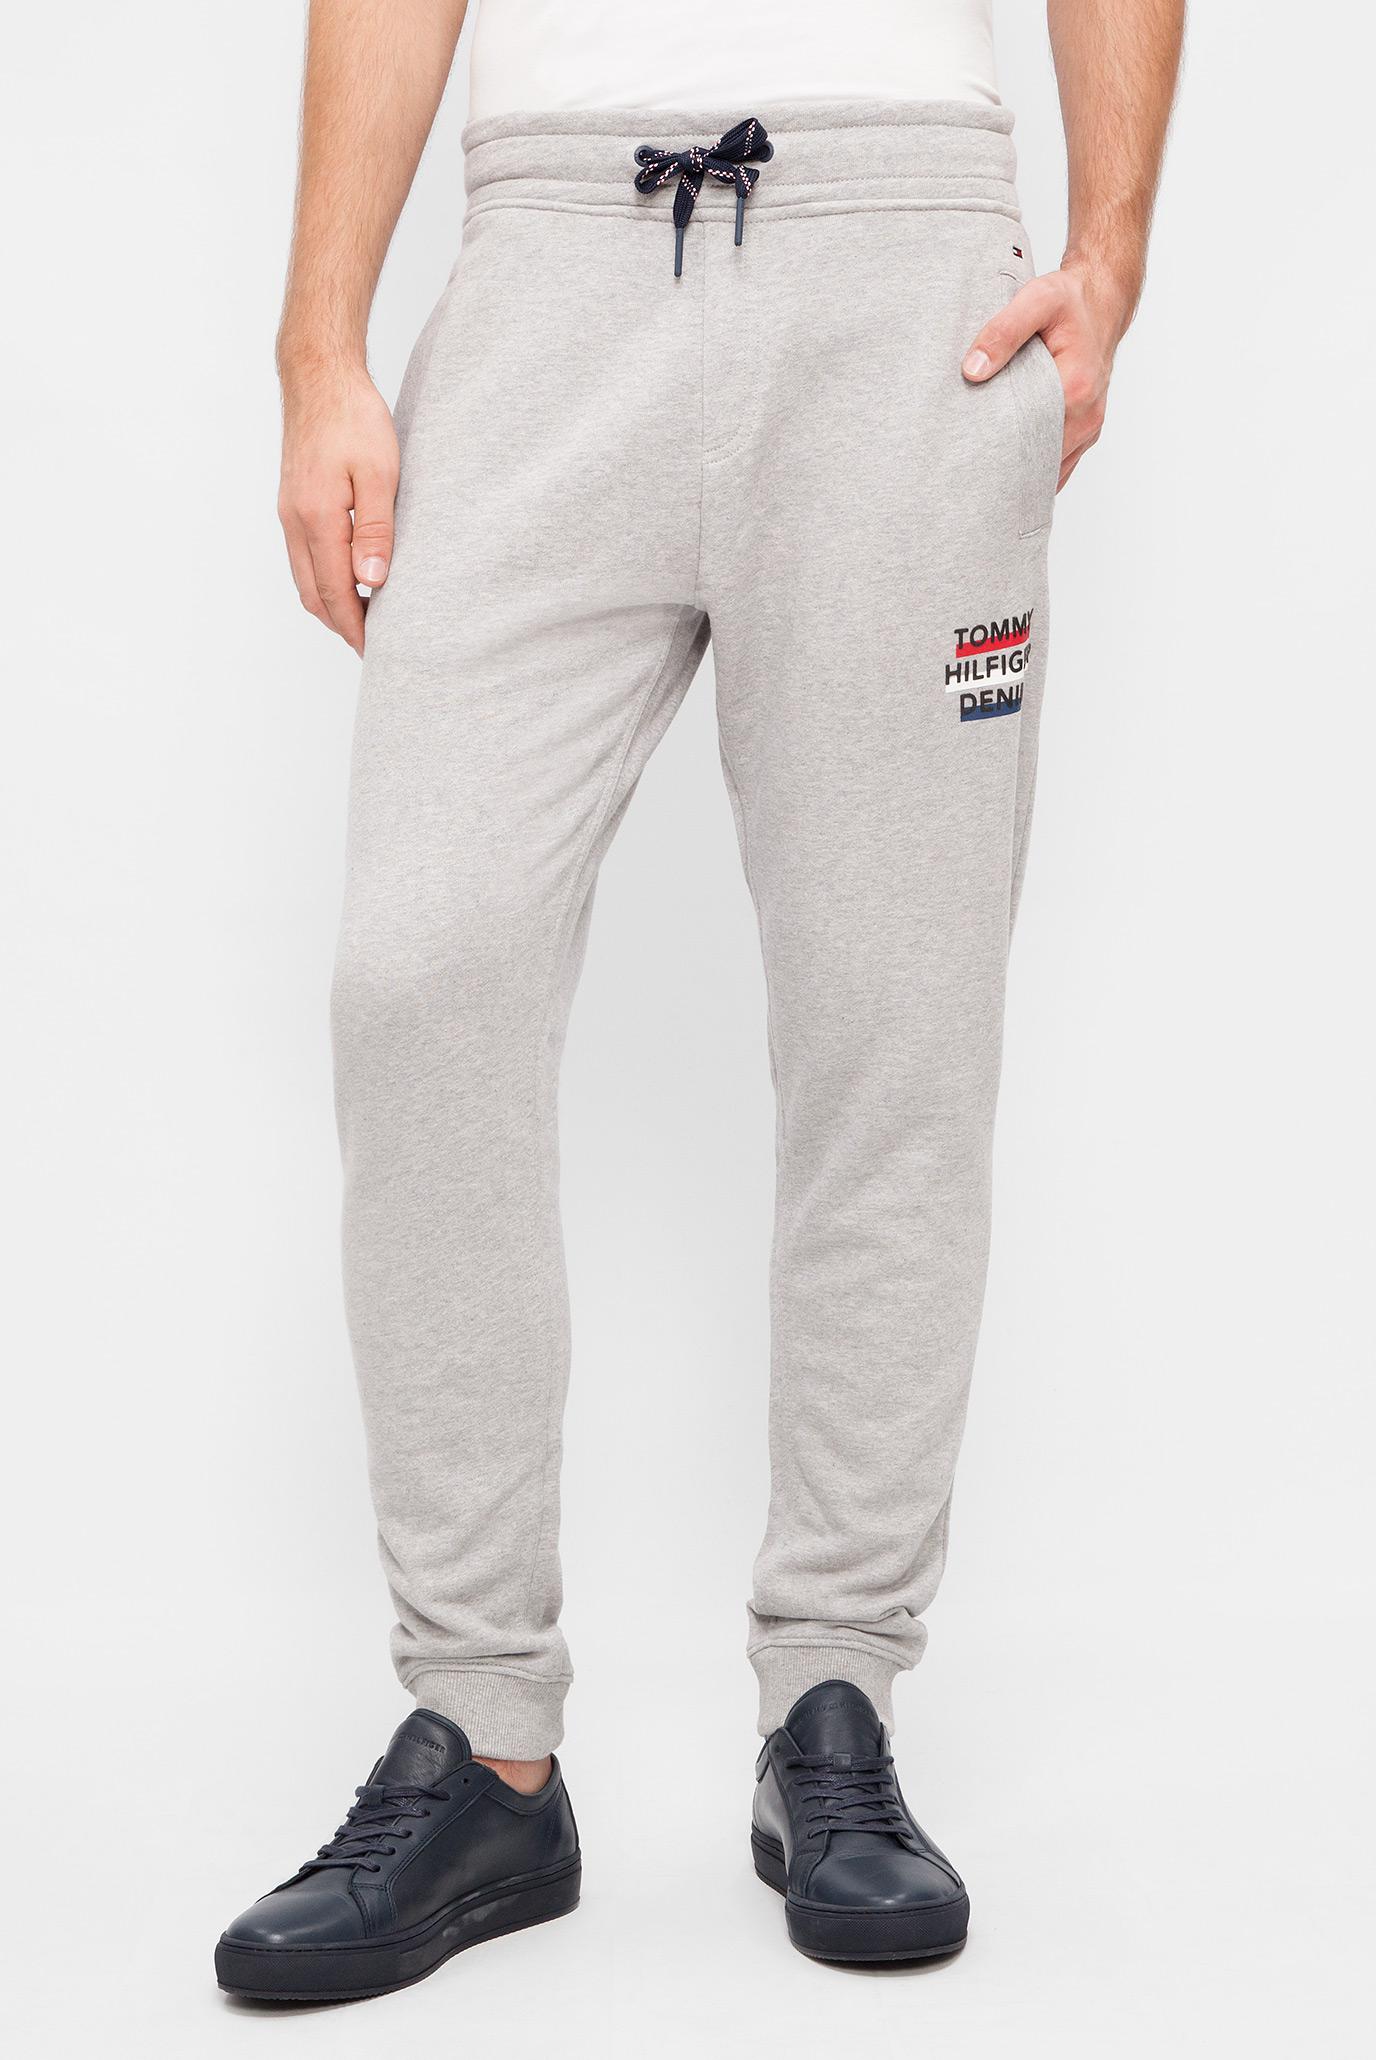 Купить Мужские серые спортивные брюки Tommy Hilfiger Tommy Hilfiger  DM0DM02770 – Киев, Украина. Цены в интернет магазине ... 8f5a08bf547